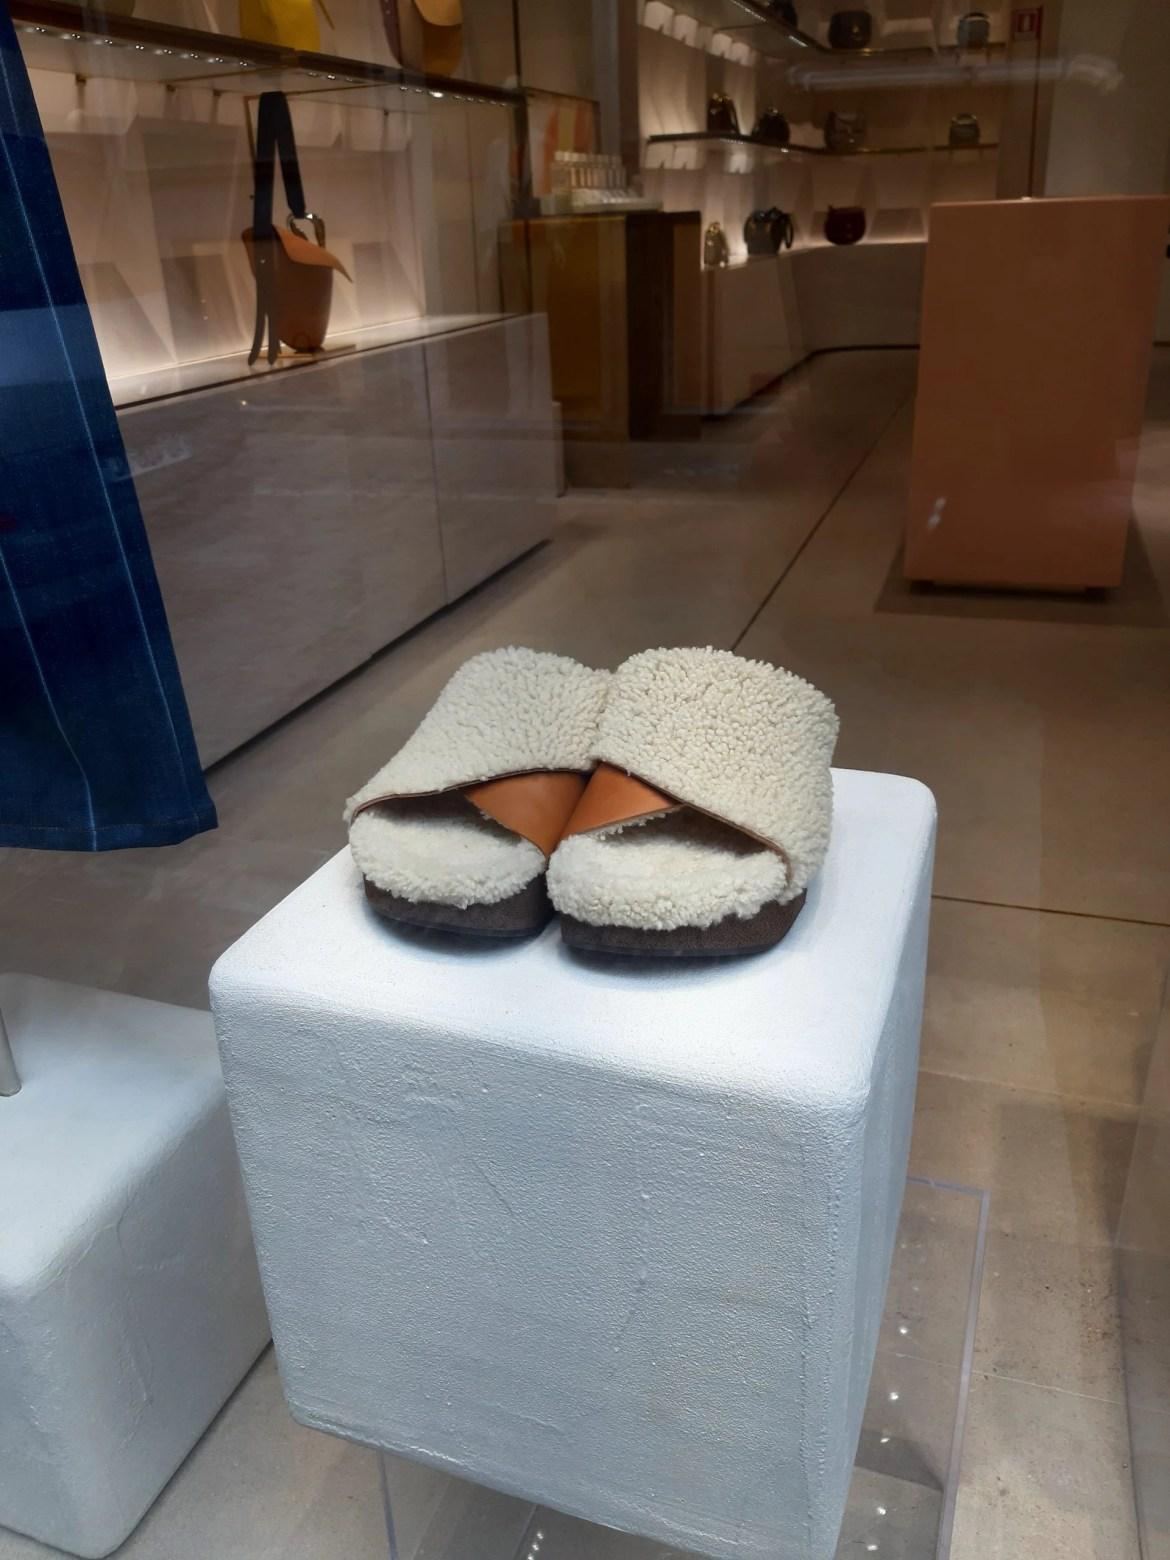 Vitrine Chloé Milão com sandália para inverno revestida de pele de carneiro ecológica